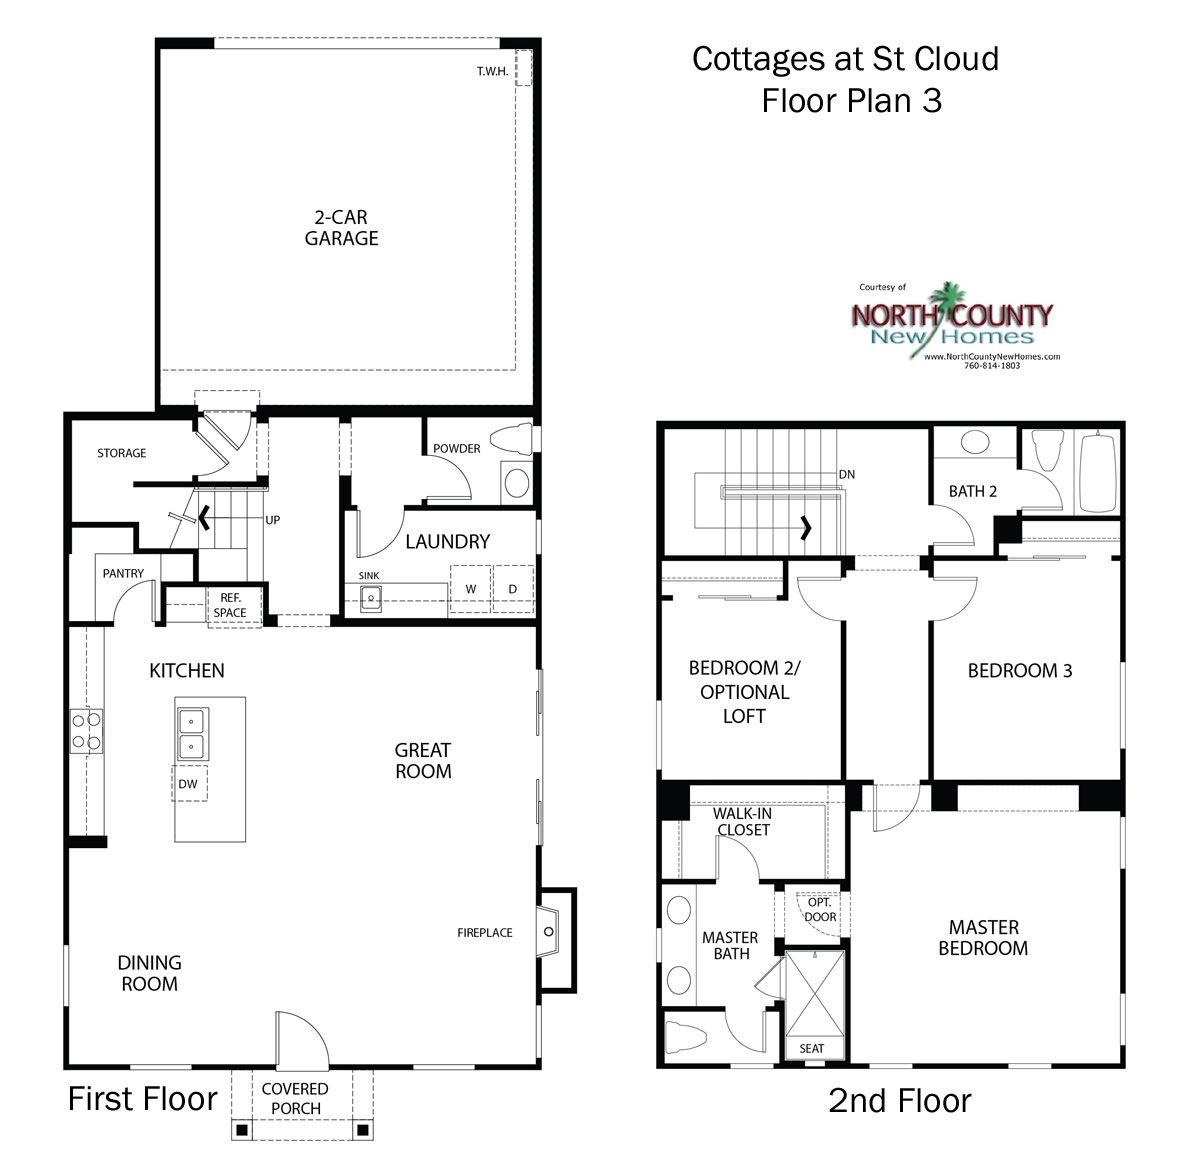 Cottages At St Cloud Floor Plans